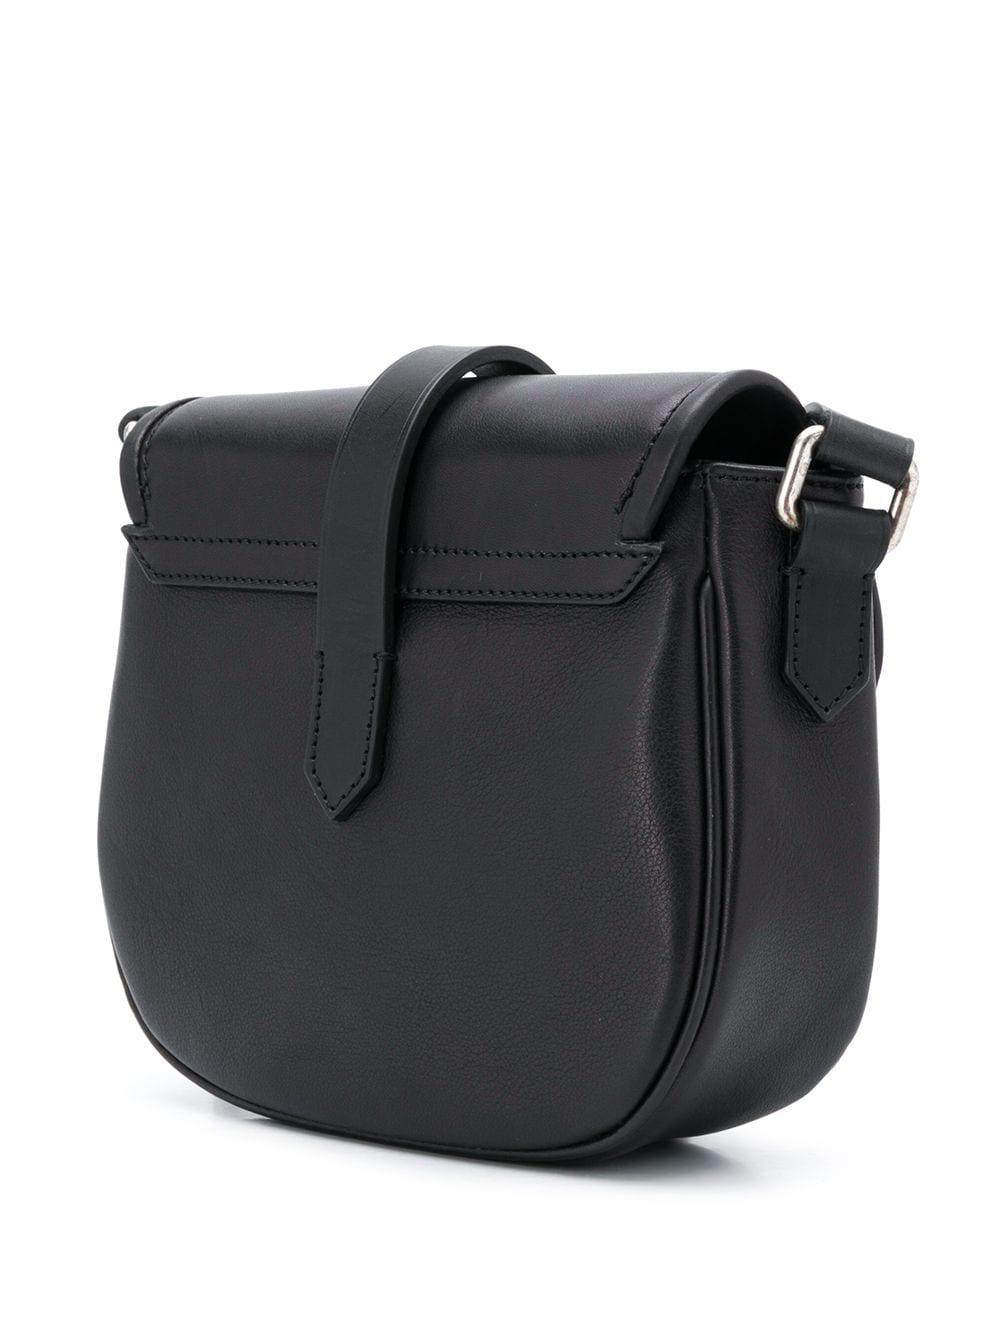 Picture of Golden Goose Deluxe Brand | Motif Buckle Shoulder Bag